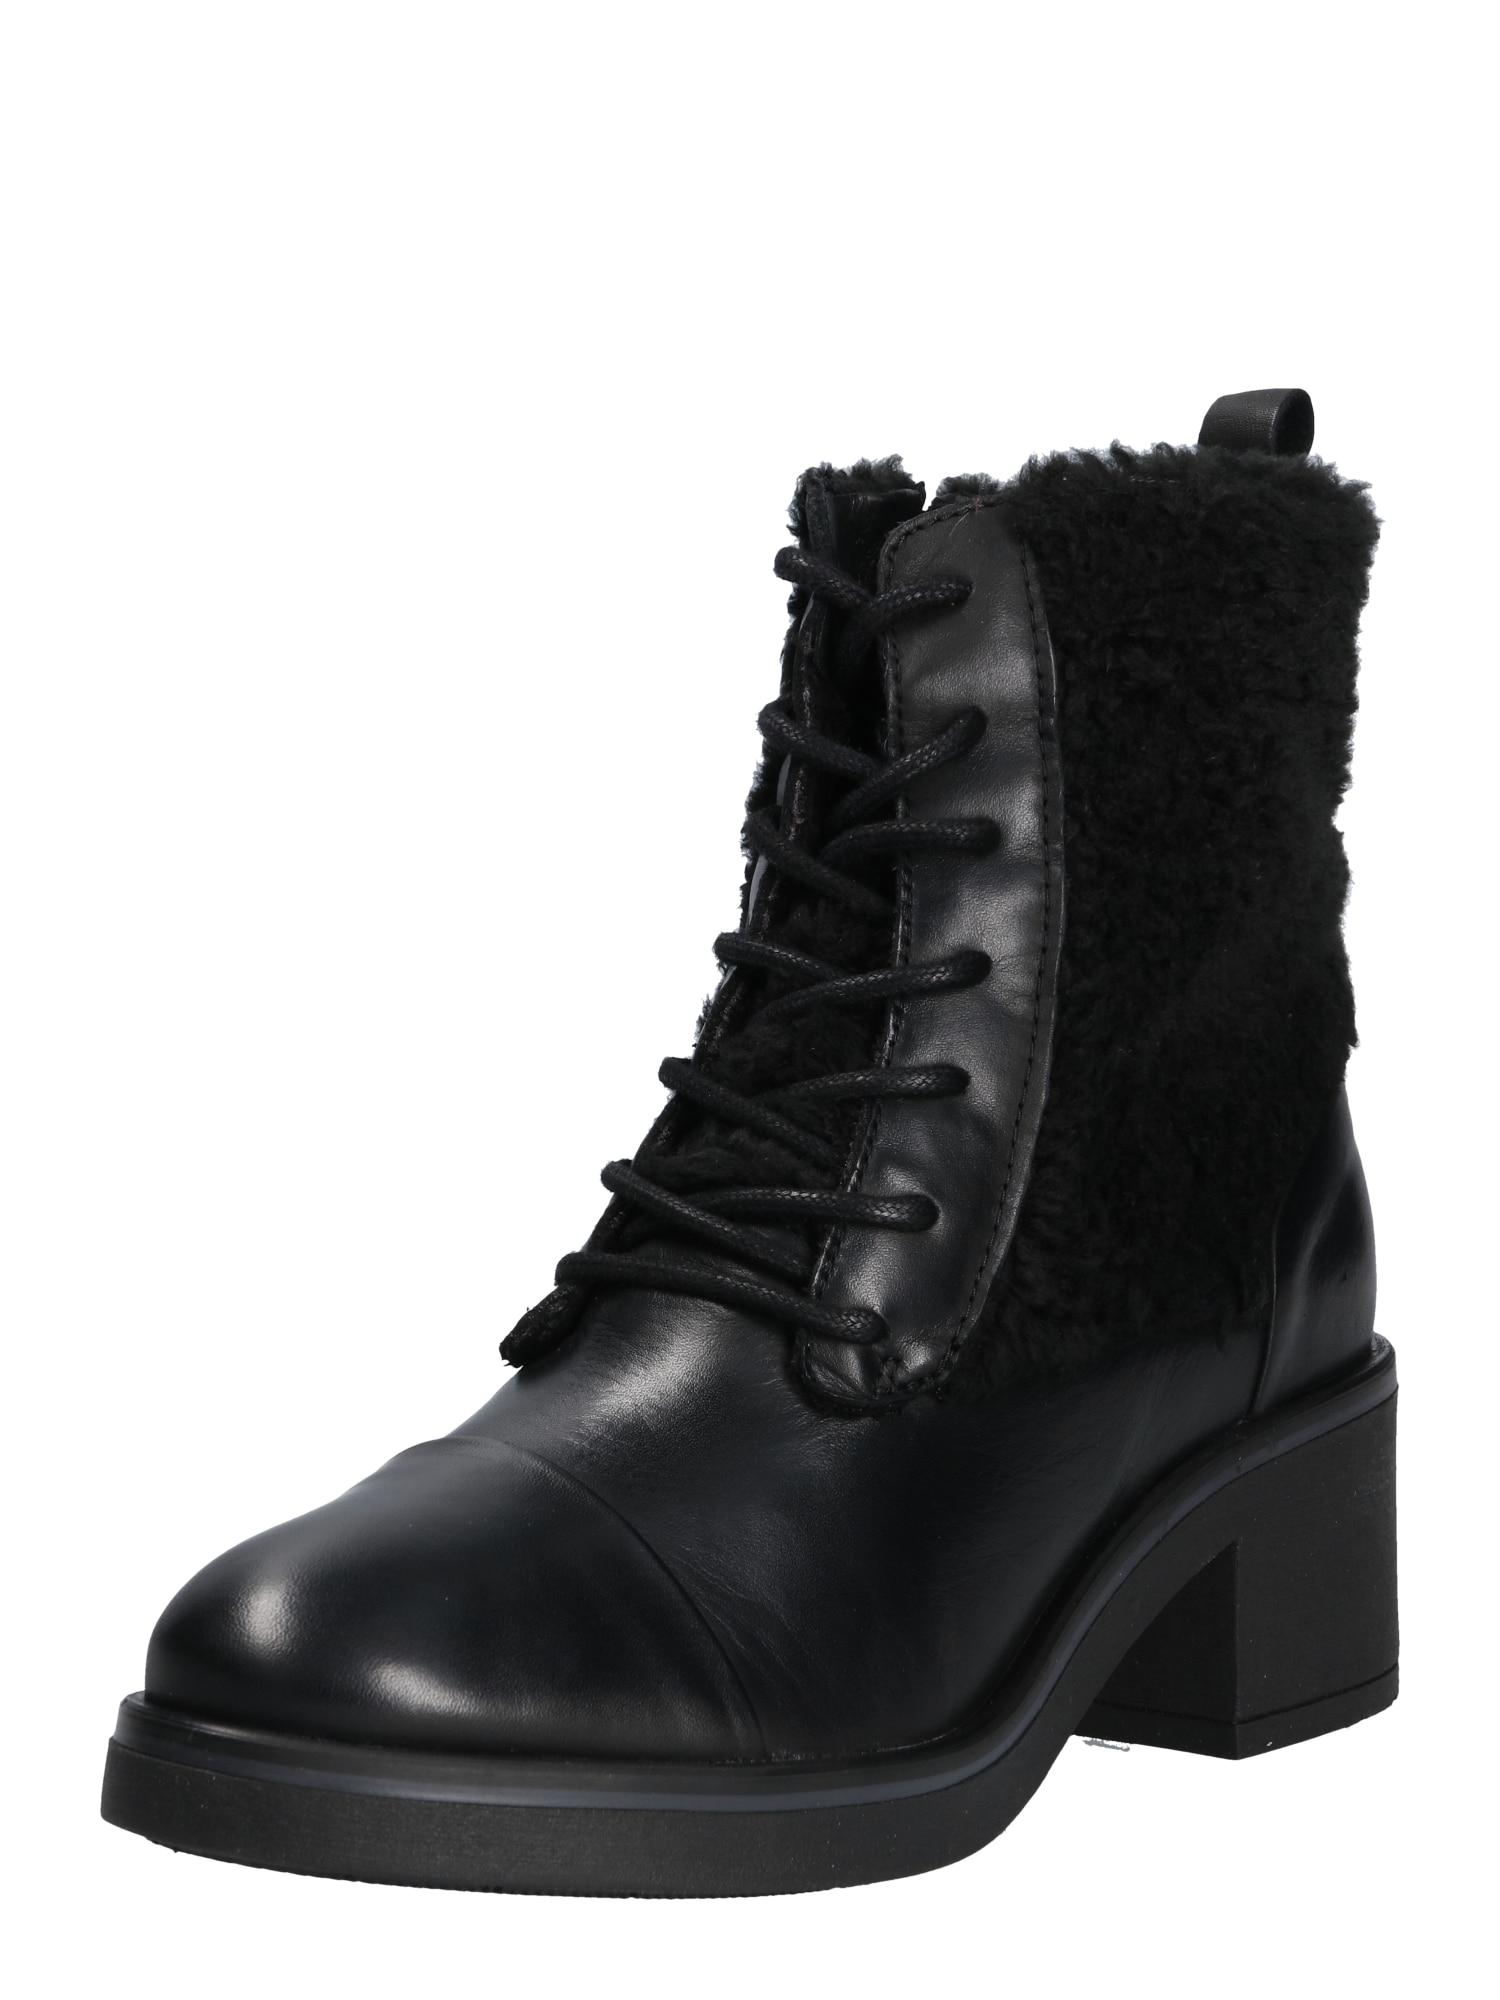 Šněrovací boty 18225 černá Zign